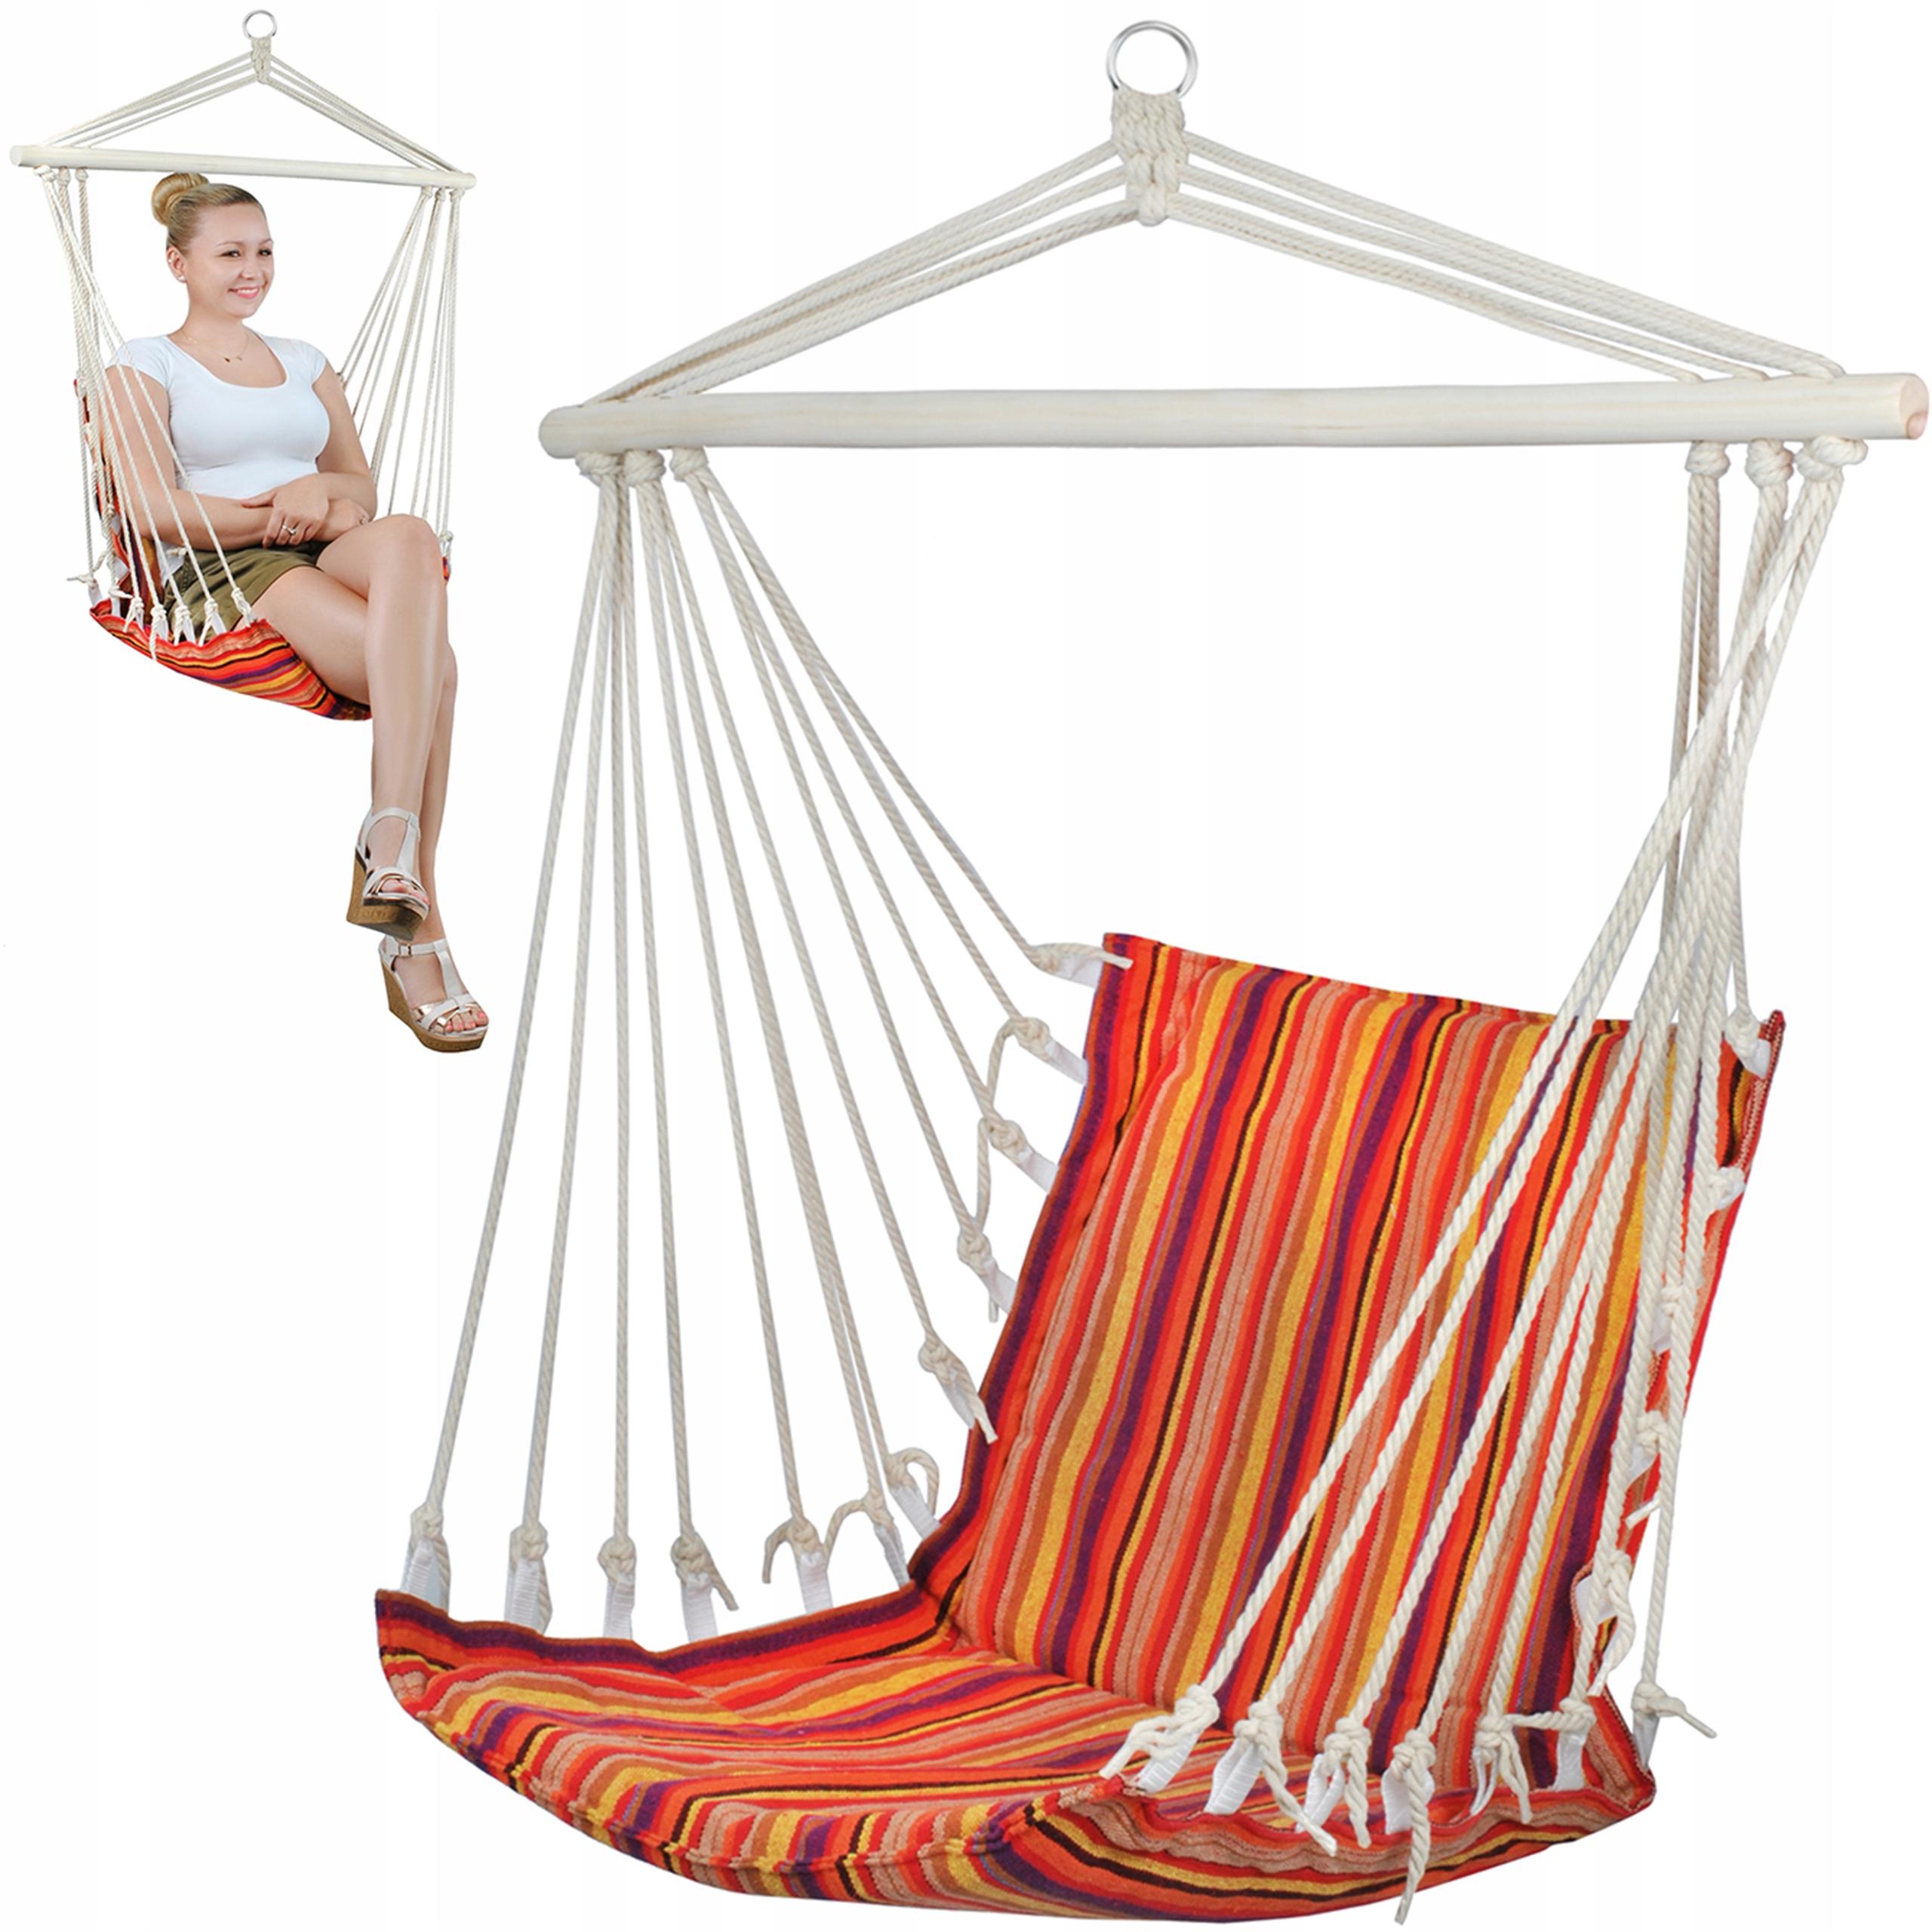 Кресло-качели. Бразильский подвесной гамак. Кресло.